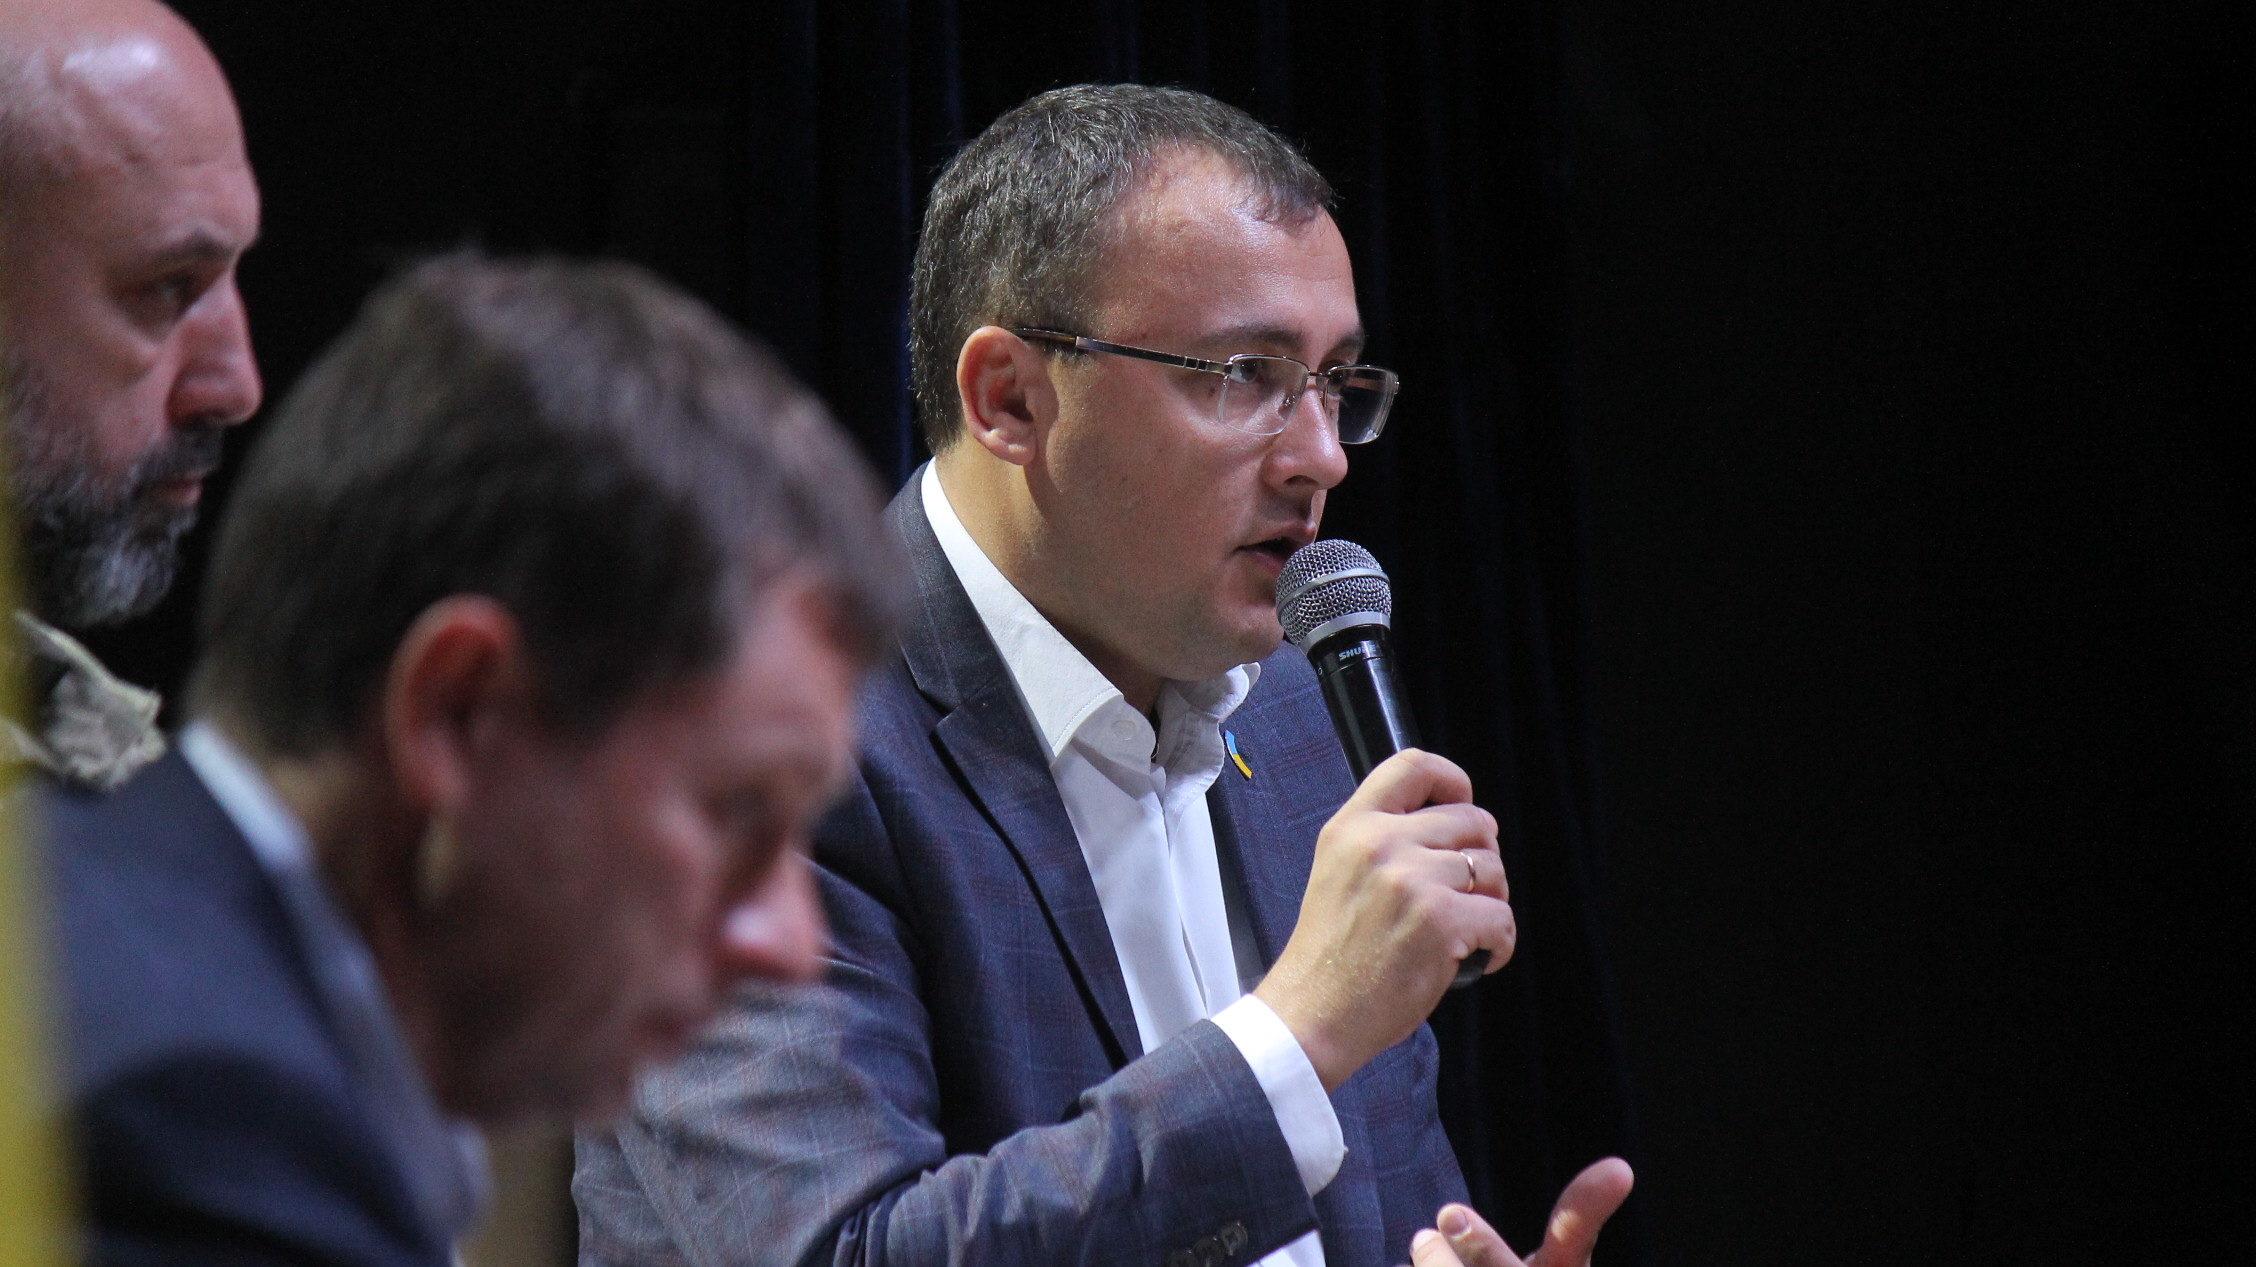 «Диалоги про Украину»: в Запорожье обсудили пути мирного урегулирования ситуации на Донбассе, – ФОТОРЕПОРТАЖ